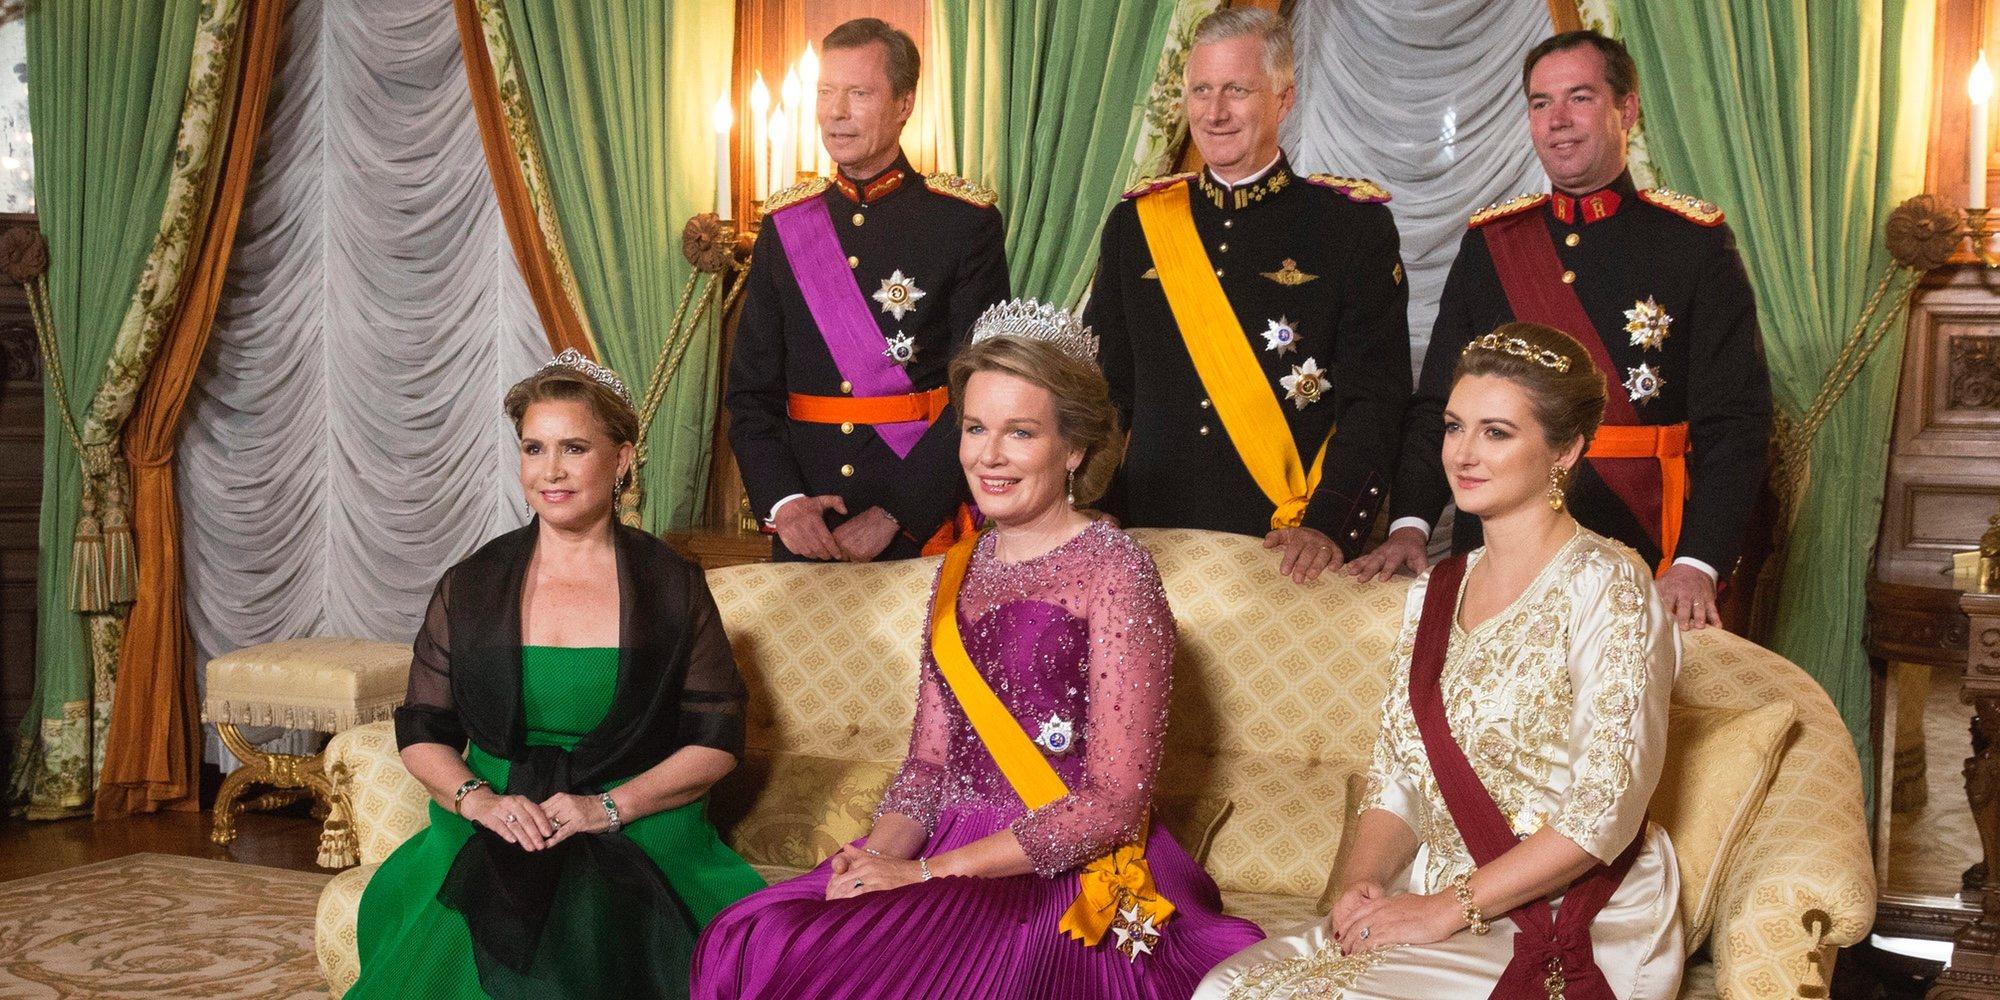 María Teresa de Luxemburgo reaparece tras su operación para la cena de gala a sus primos, los Reyes de Bélgica